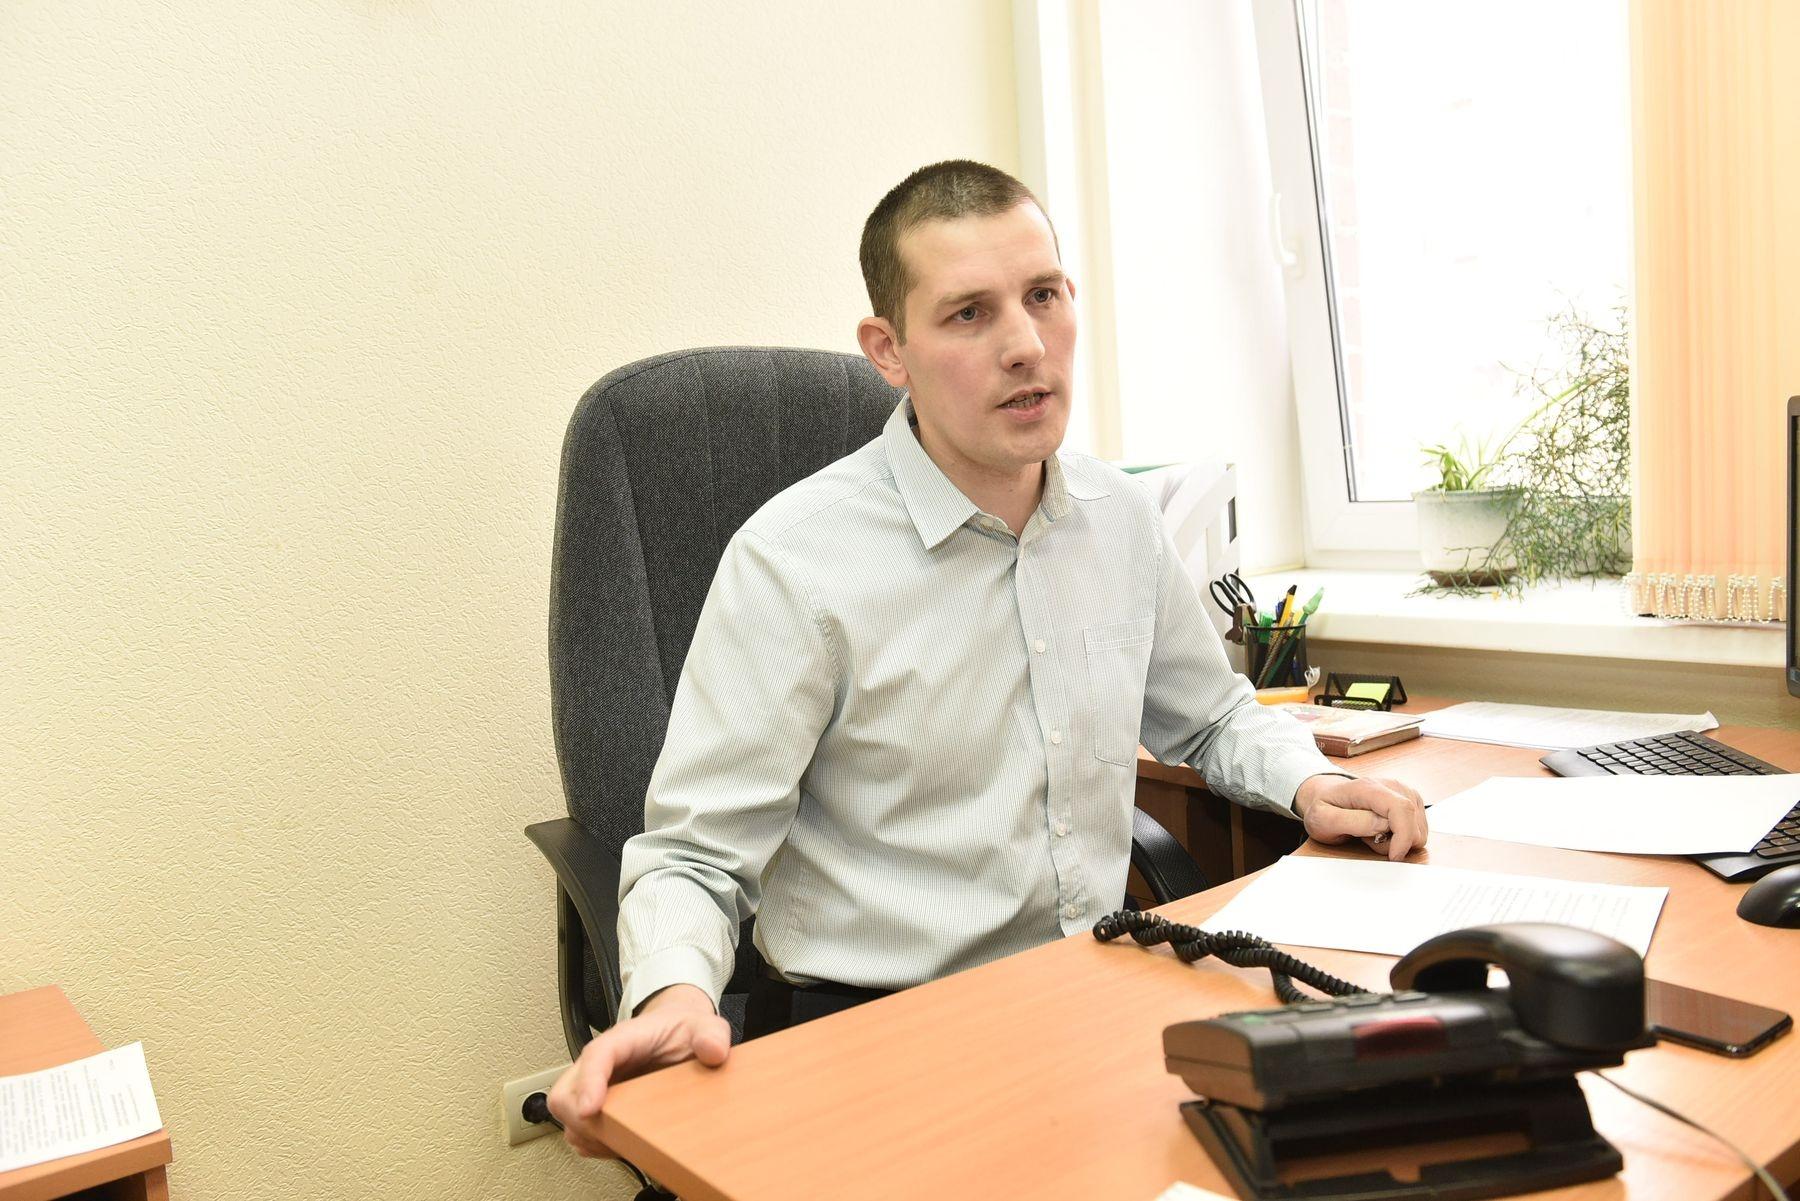 Александр Сандуло работает в налоговой старшим инспектором и часто консультирует граждан<br>